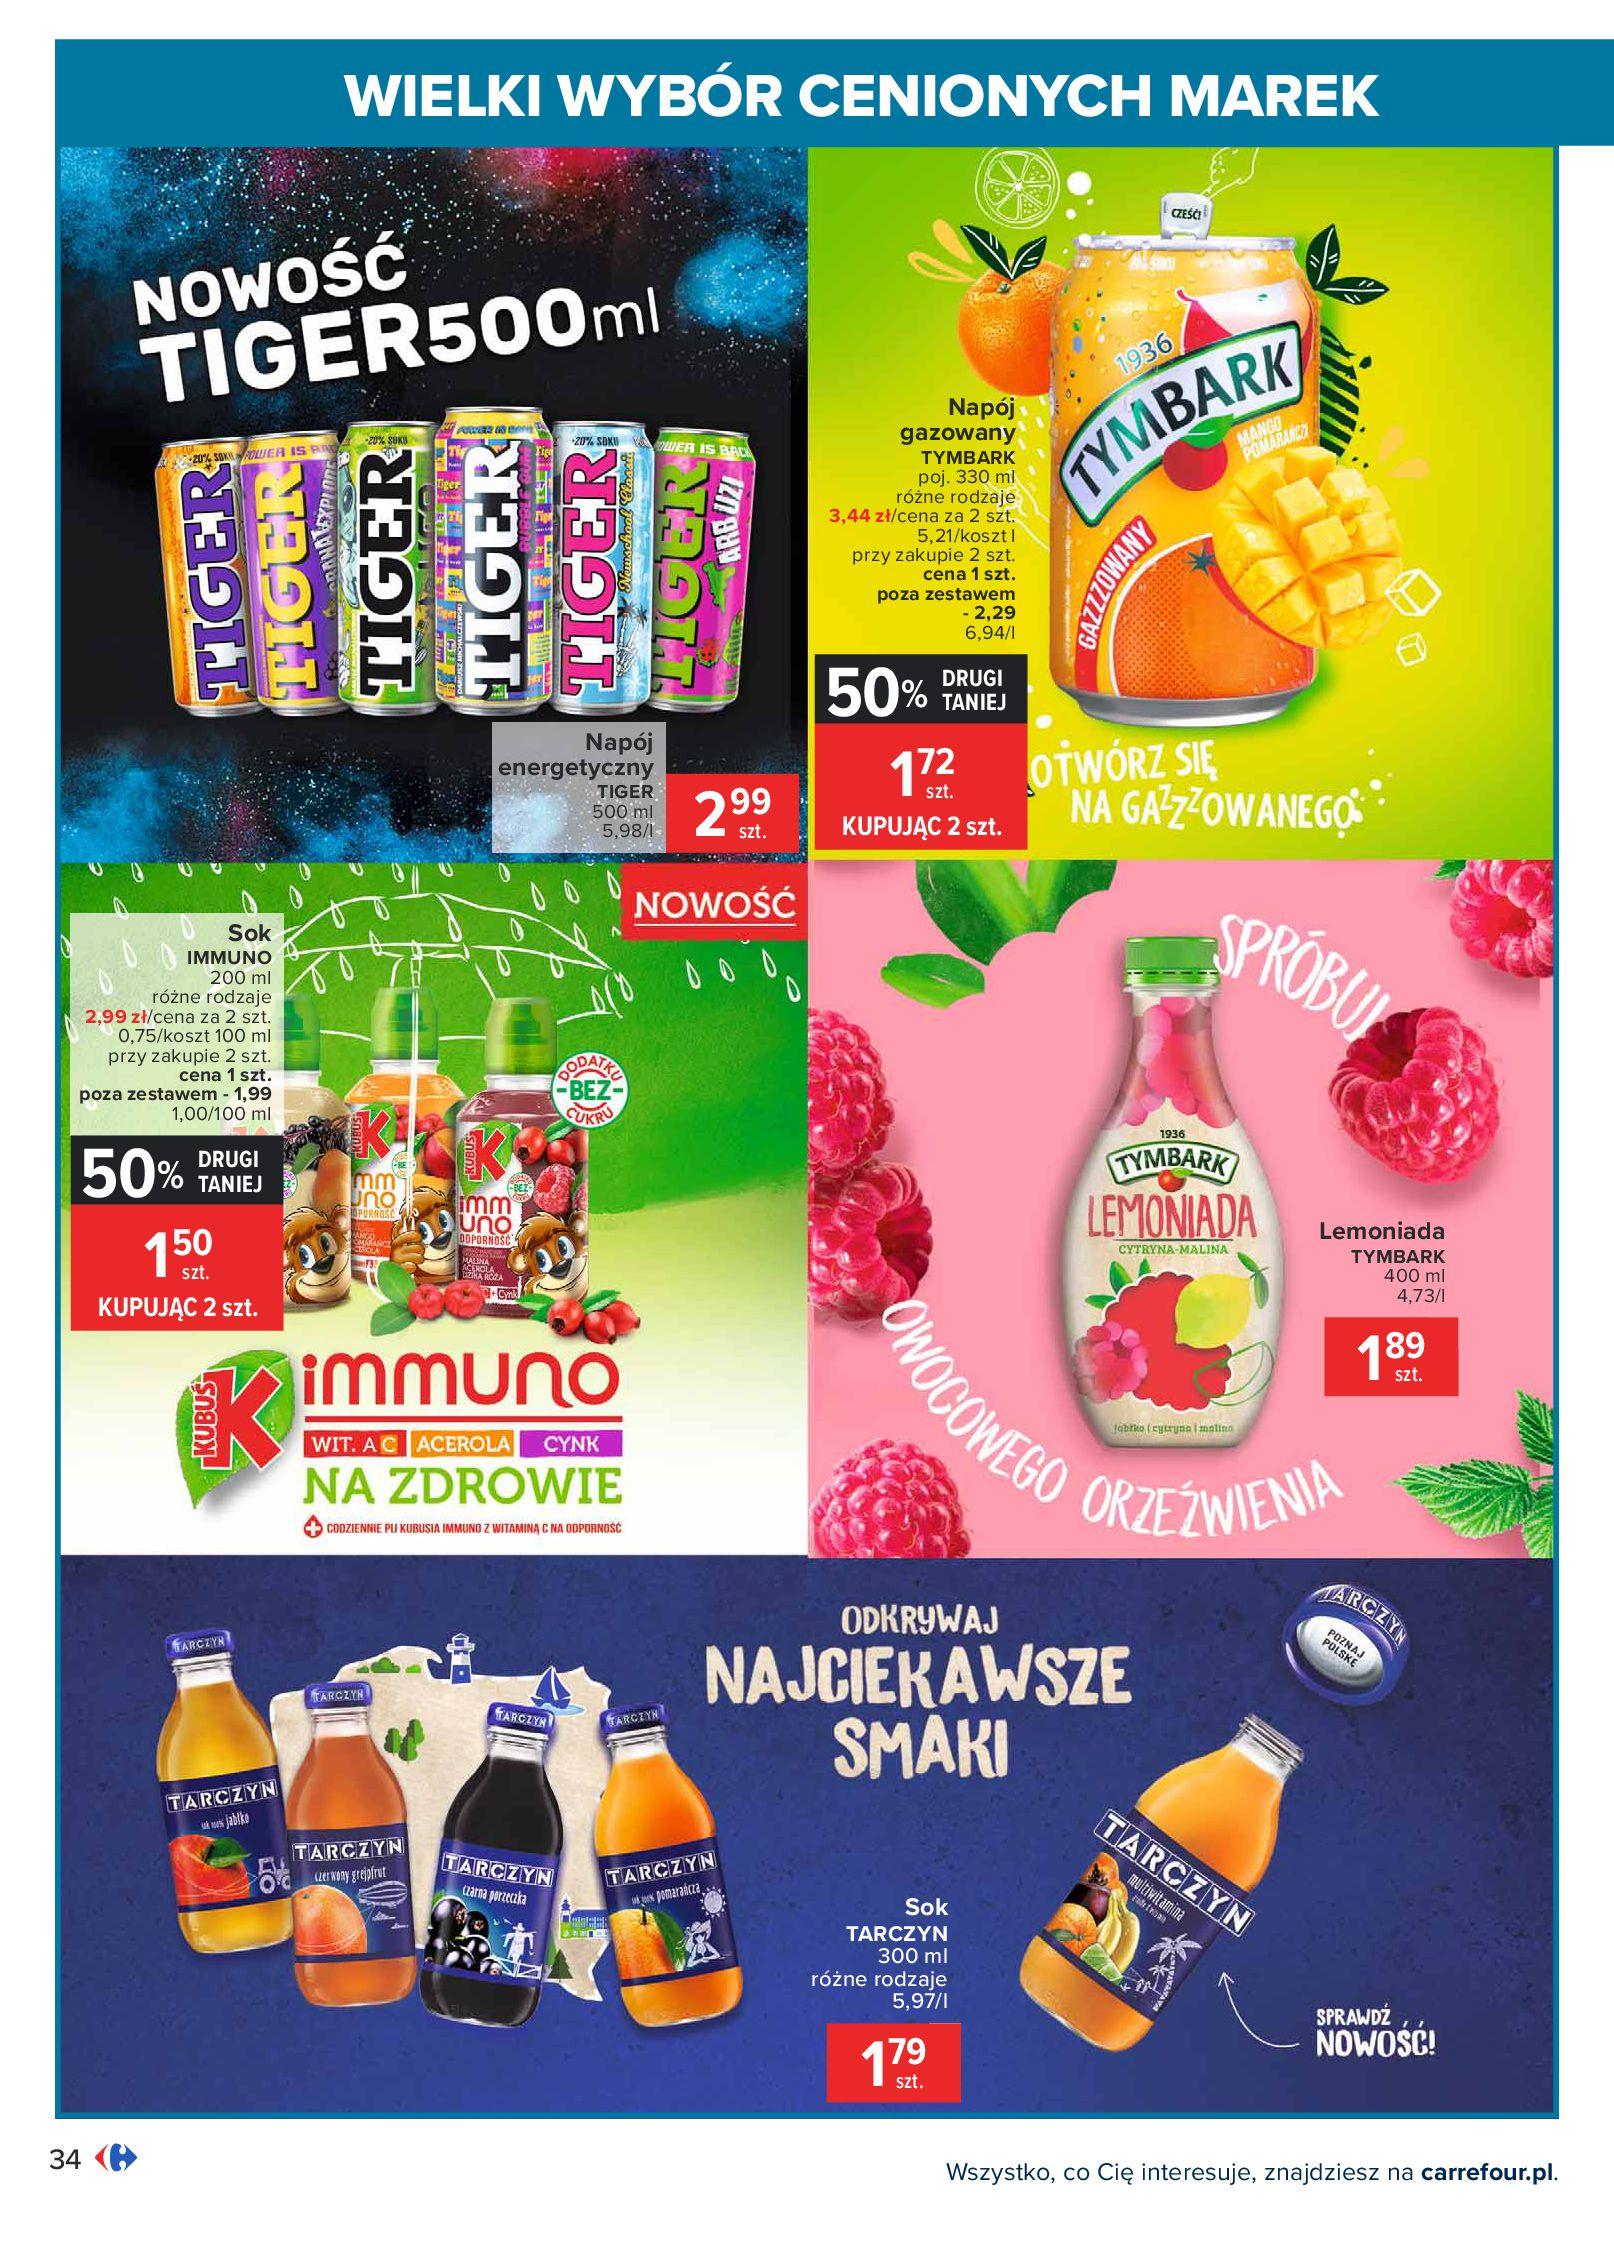 Gazetka Carrefour: Wielki wybór cenionych marek 2021-05-04 page-34